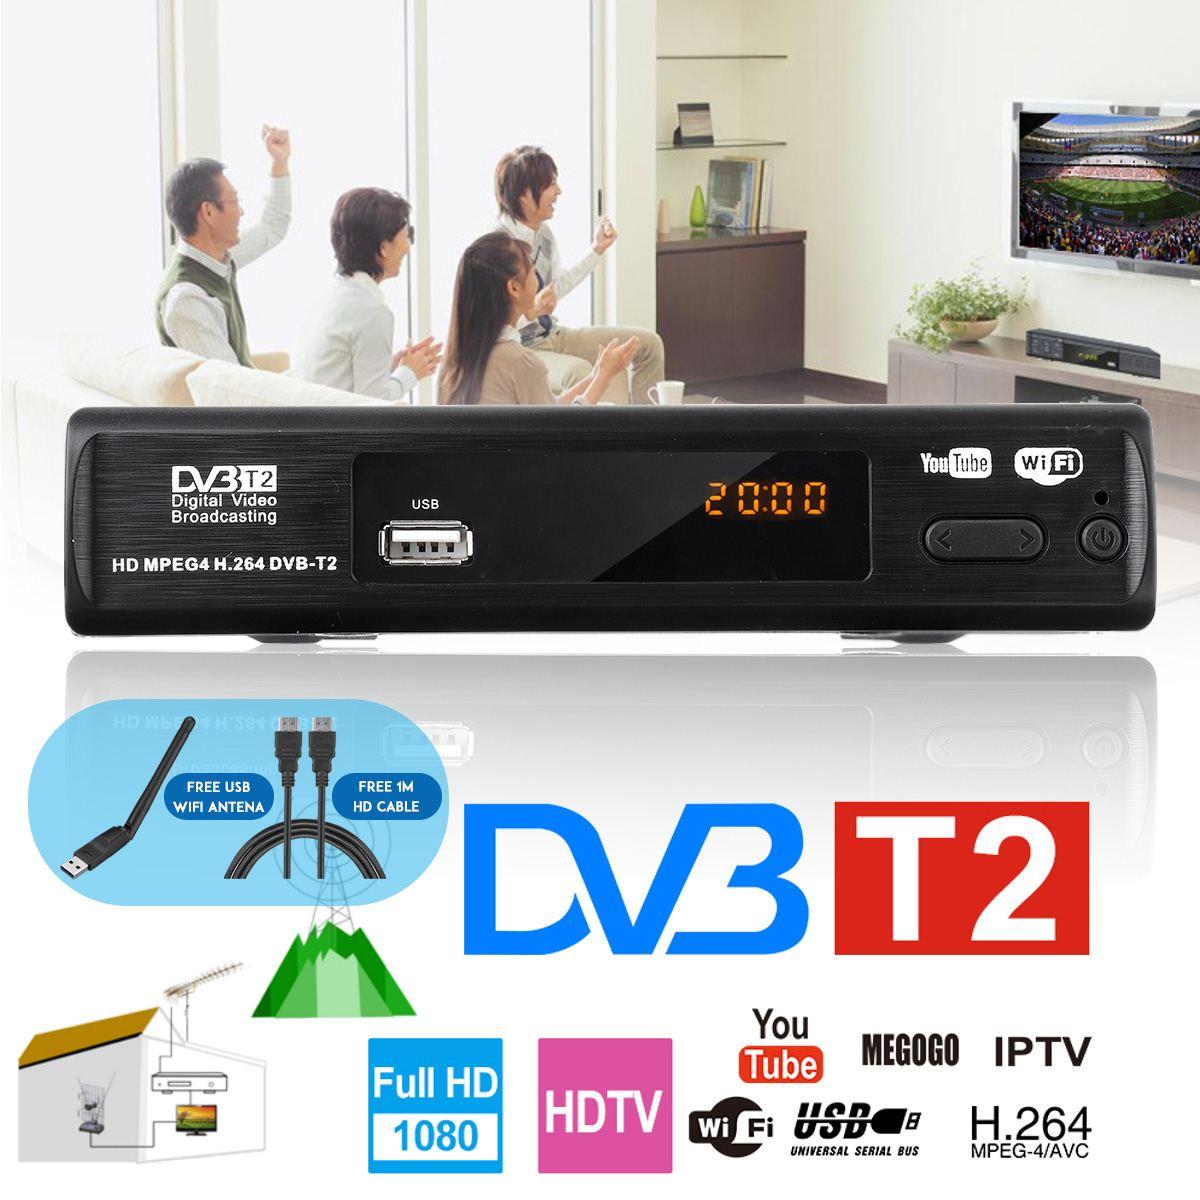 HD 1080p Tv Tuner Dvb T2 Vga TV Dvb-t2 pour moniteur adaptateur Tuner récepteur Satellite décodeur Dvbt2 tv box tuner russe manuel